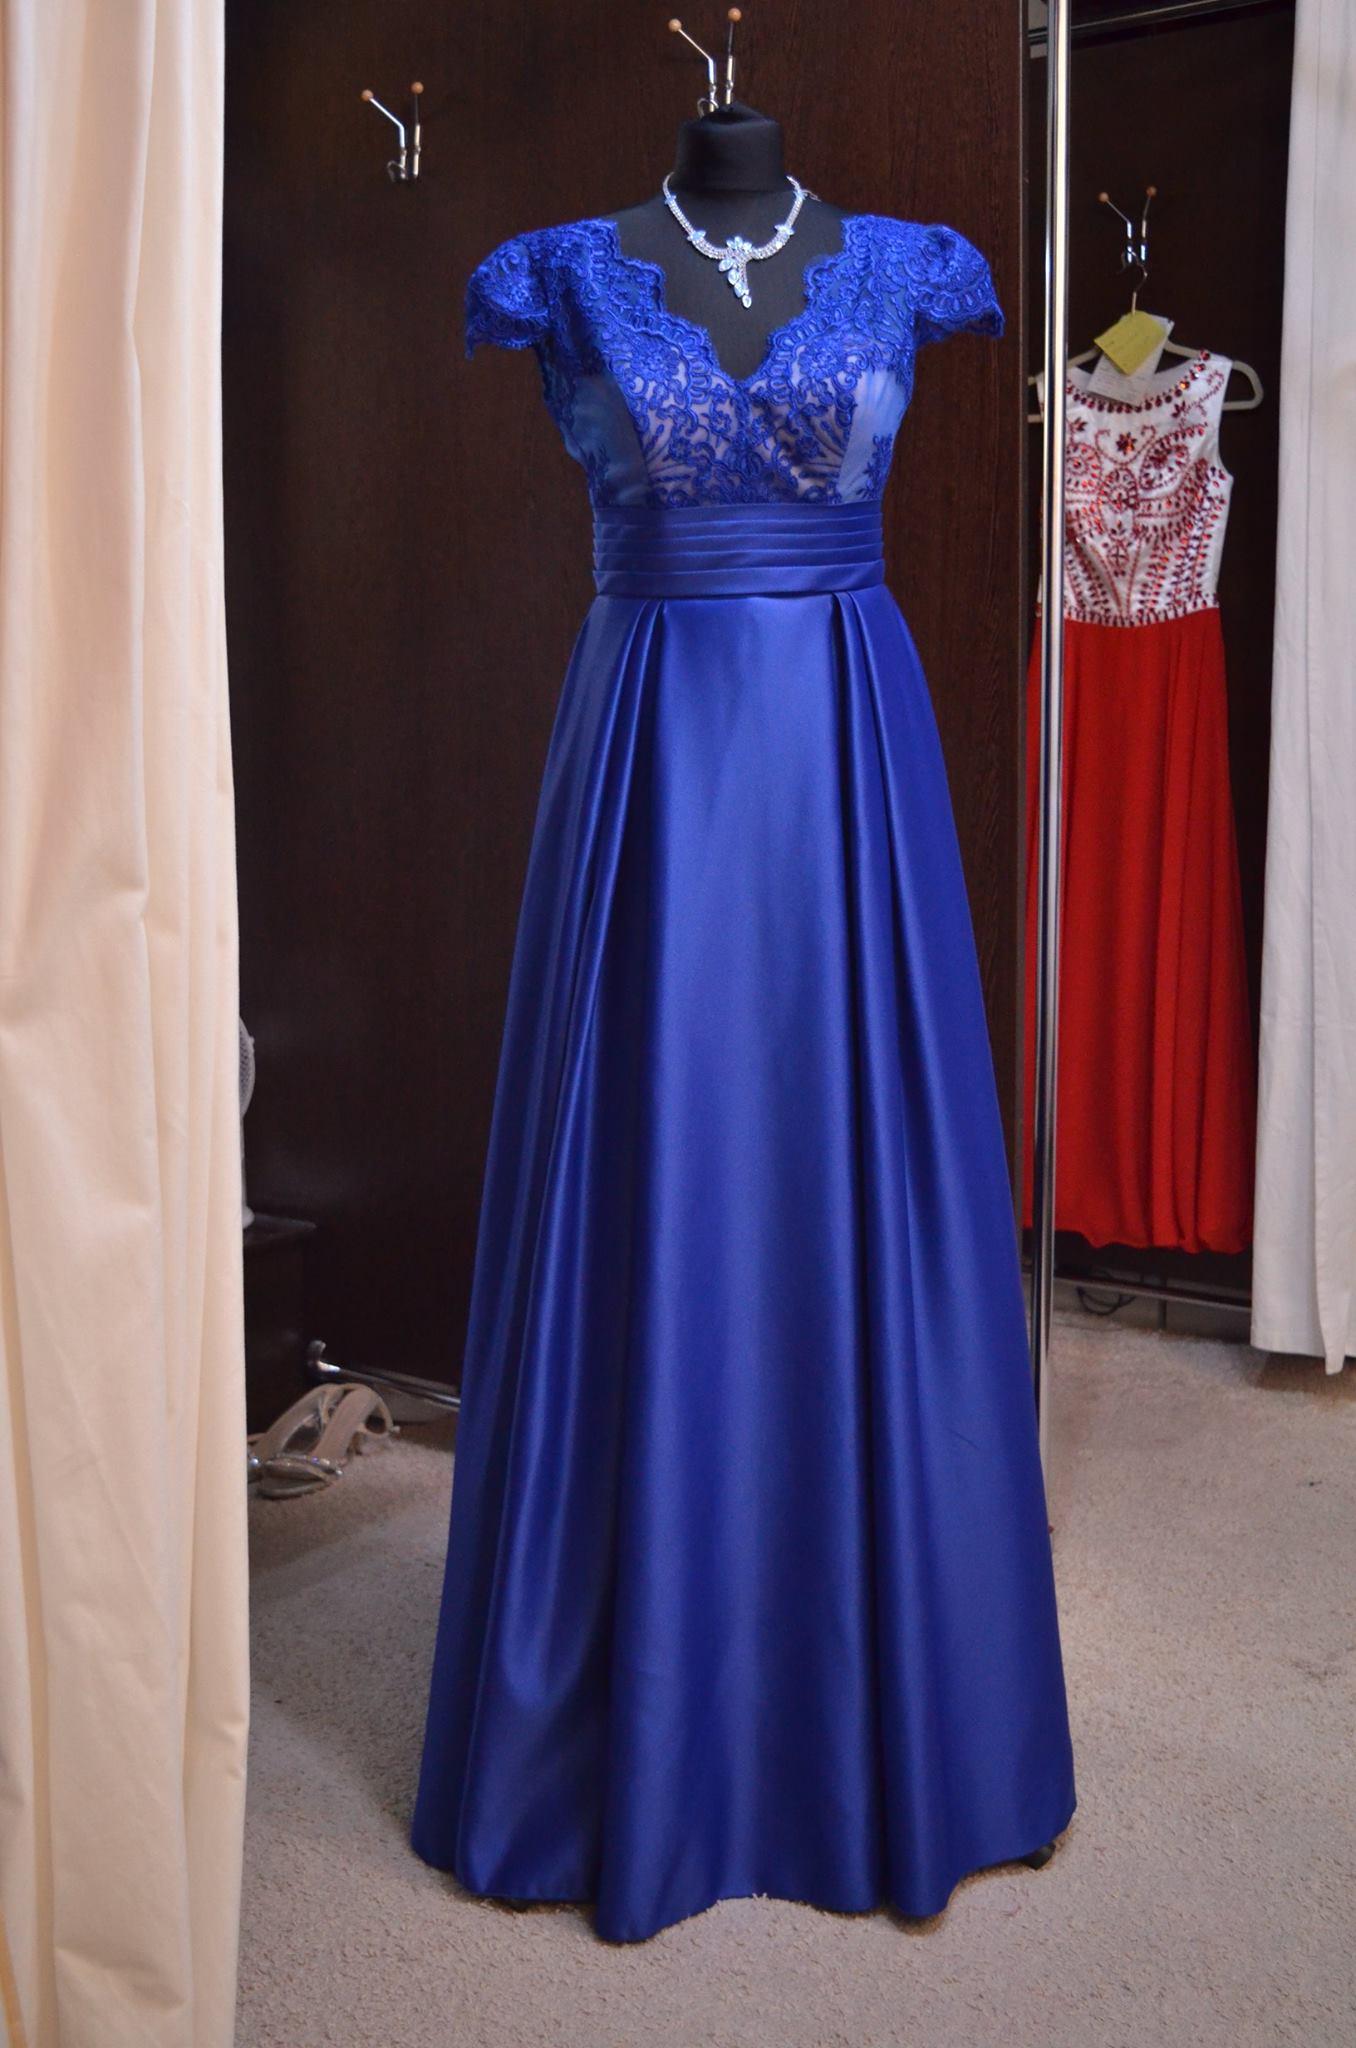 Prekrásne kráľosvky modré elegantné šaty na ples  so saténovou sukňou